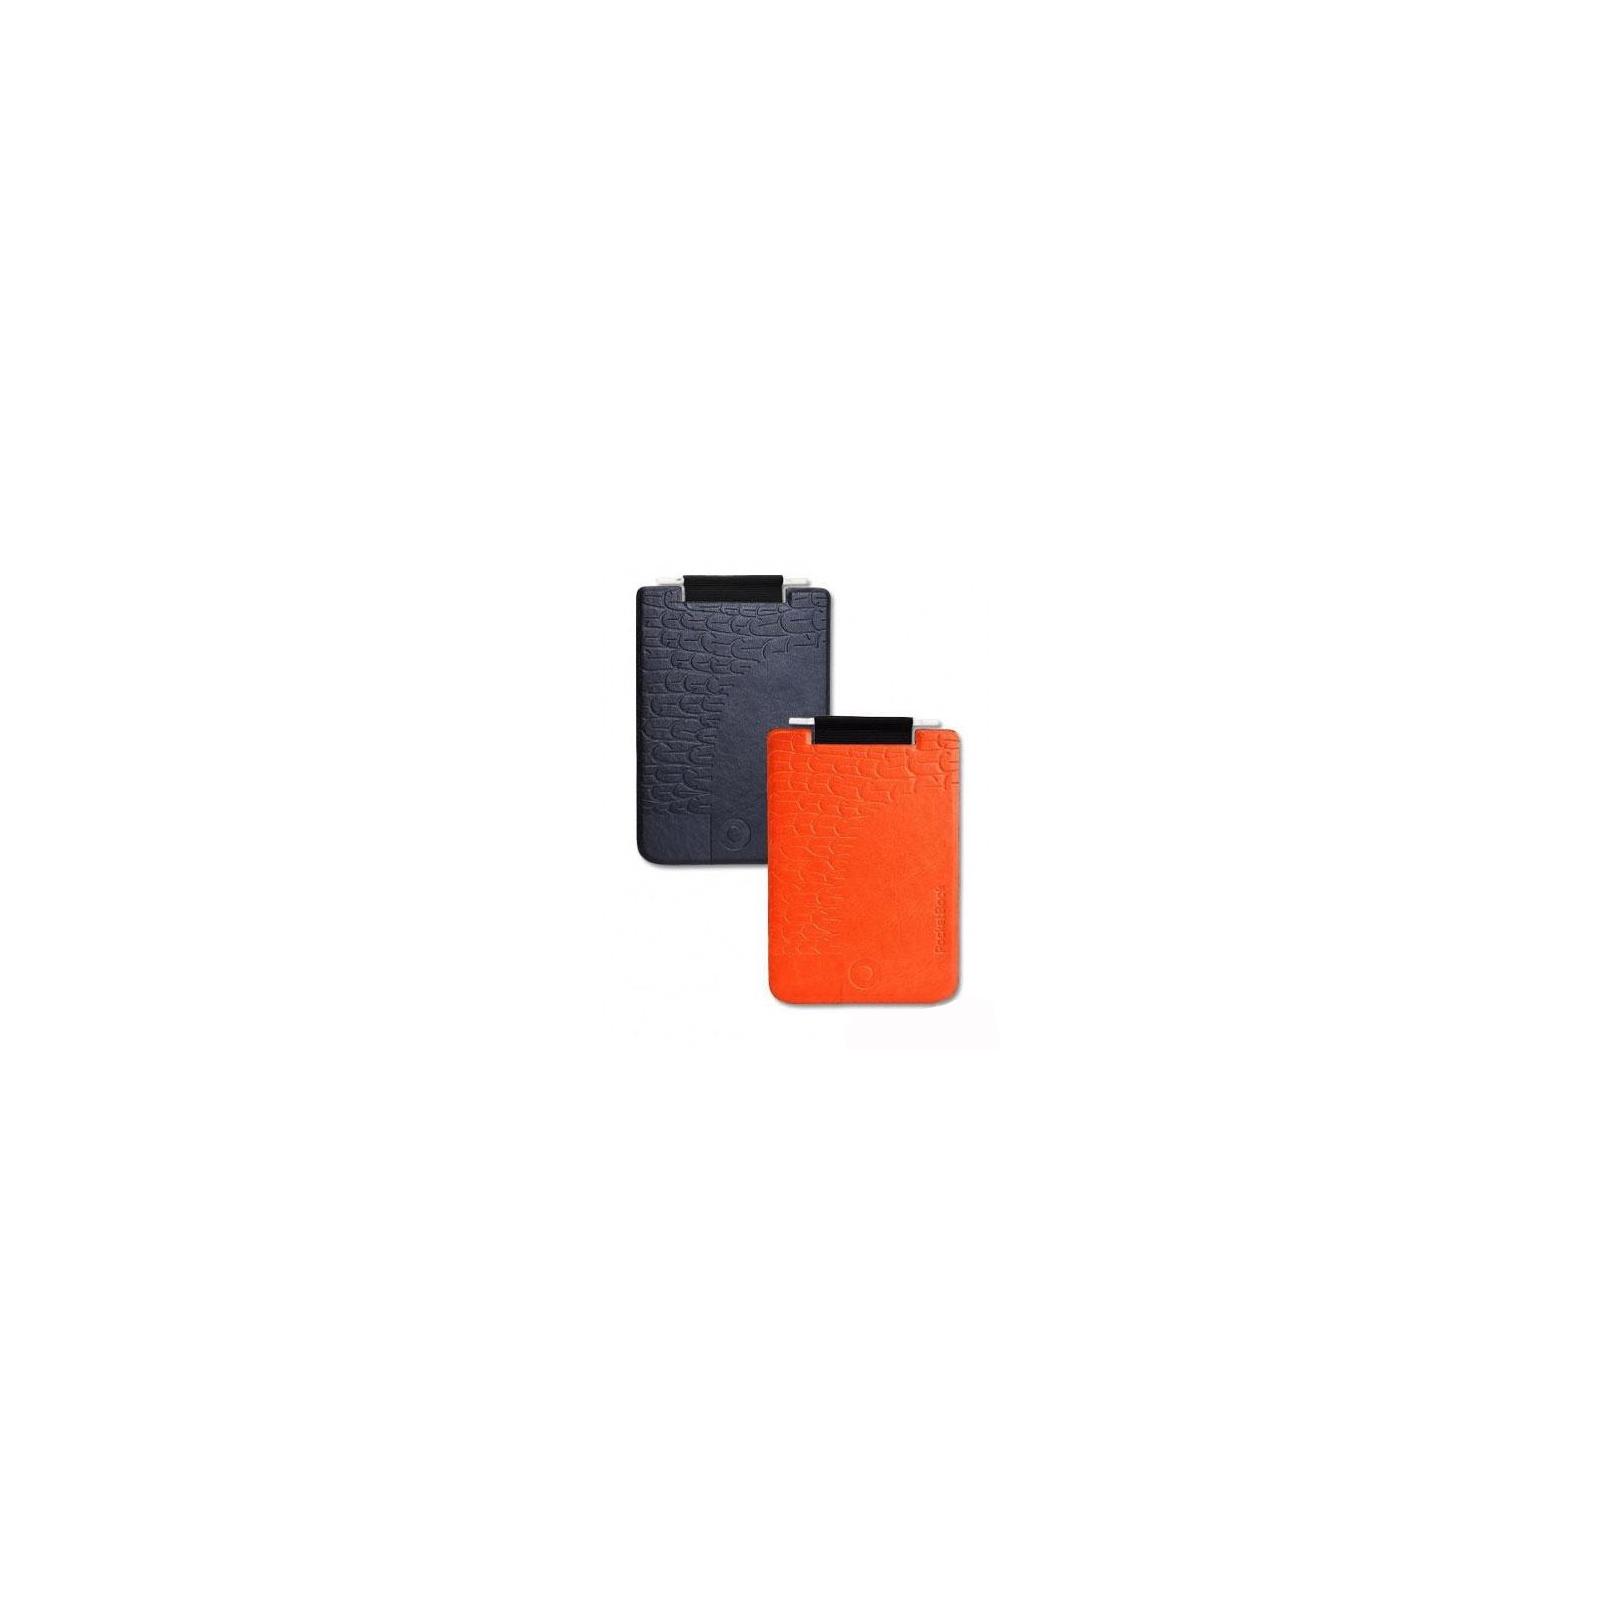 Чехол для электронной книги PocketBook PB515 Mini Bird orange/black (PBPUC-5-ORBC-BD) изображение 3